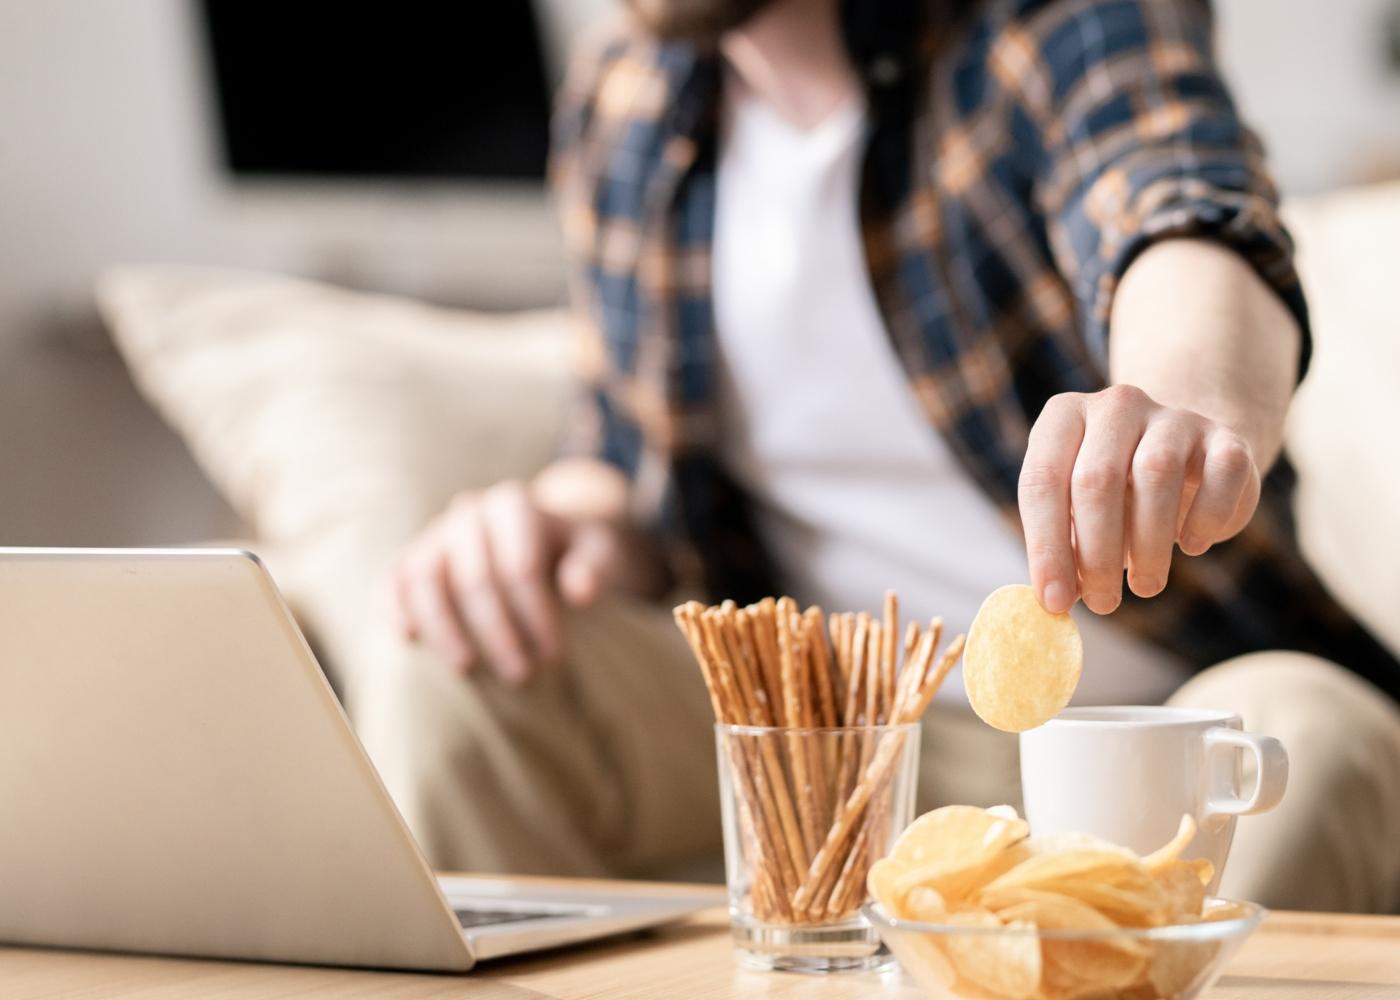 Como controlar vontade de comer em casa: homem a comer snacks